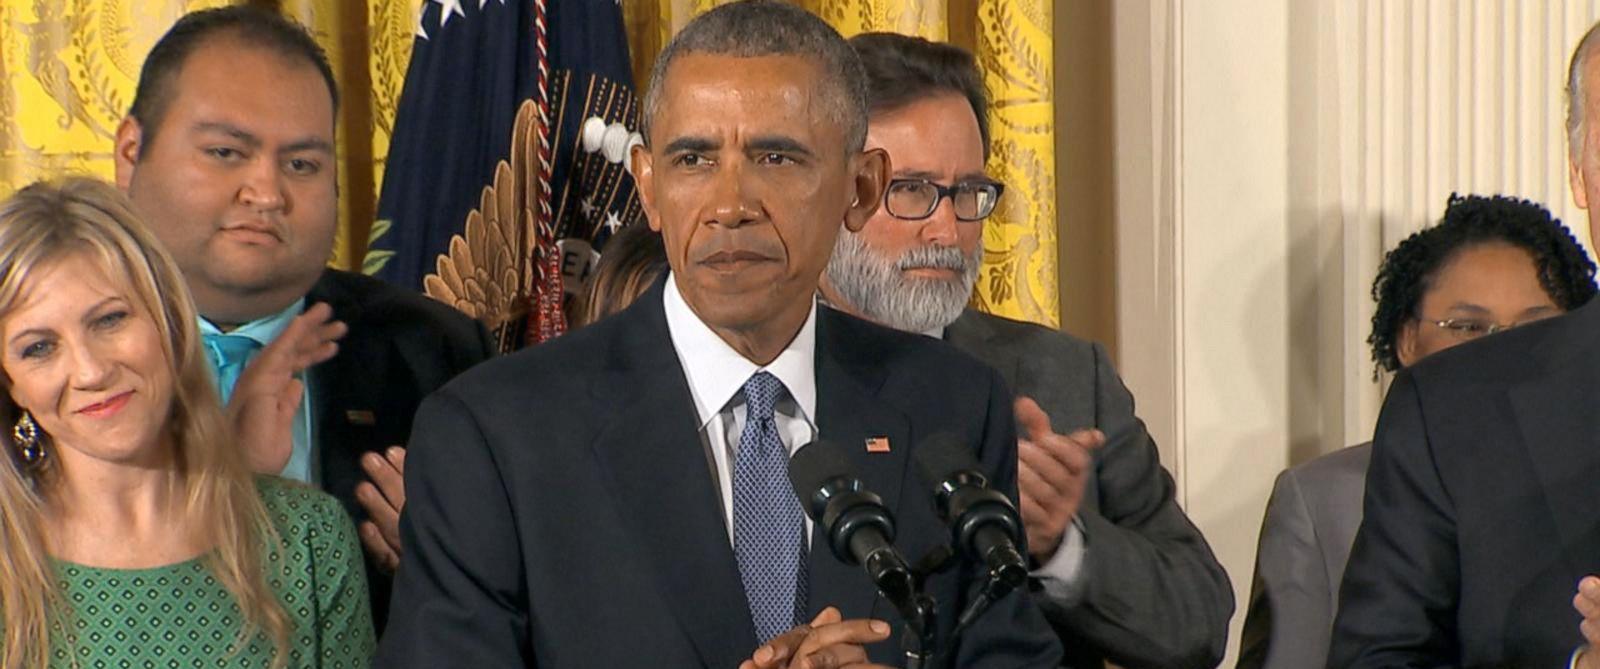 Inside President Obama's Smart Gun Announcement